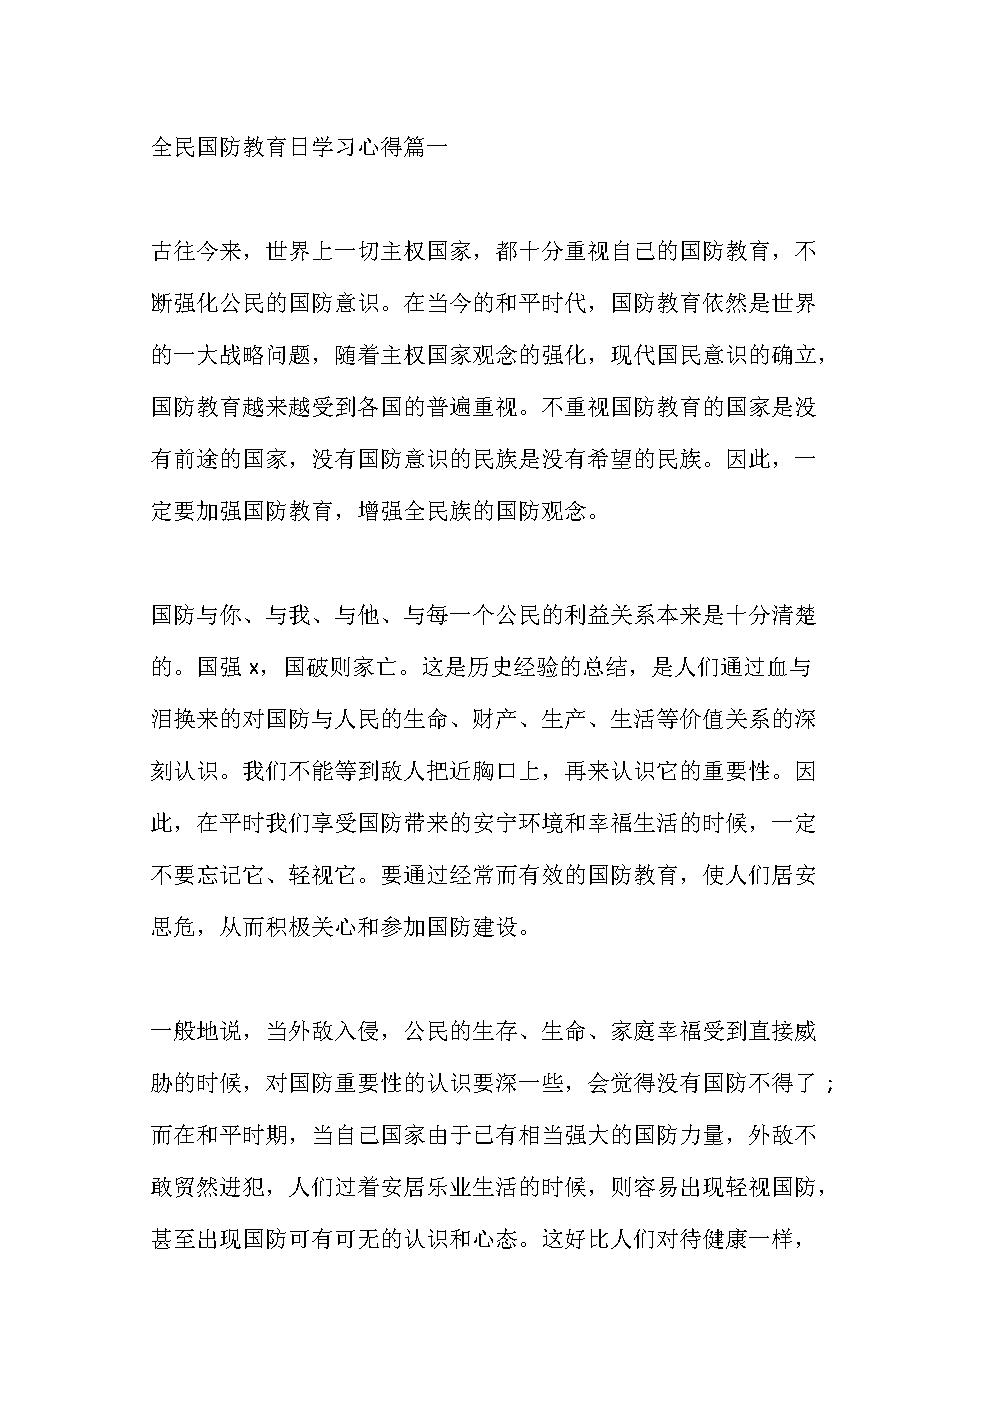 全民国防教育日学习心得精选5篇.doc